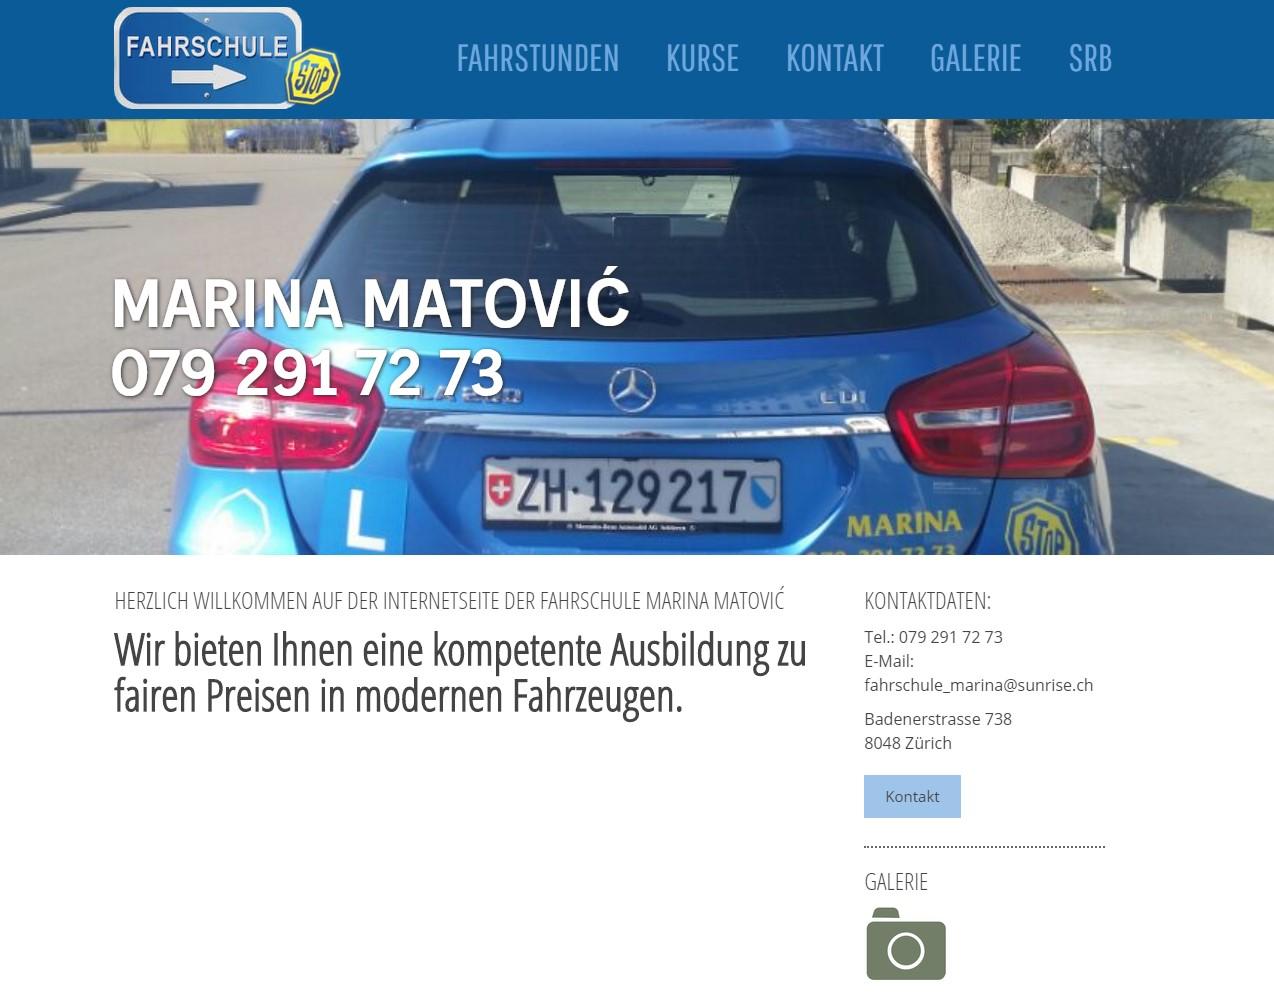 Fahrschule Matovic